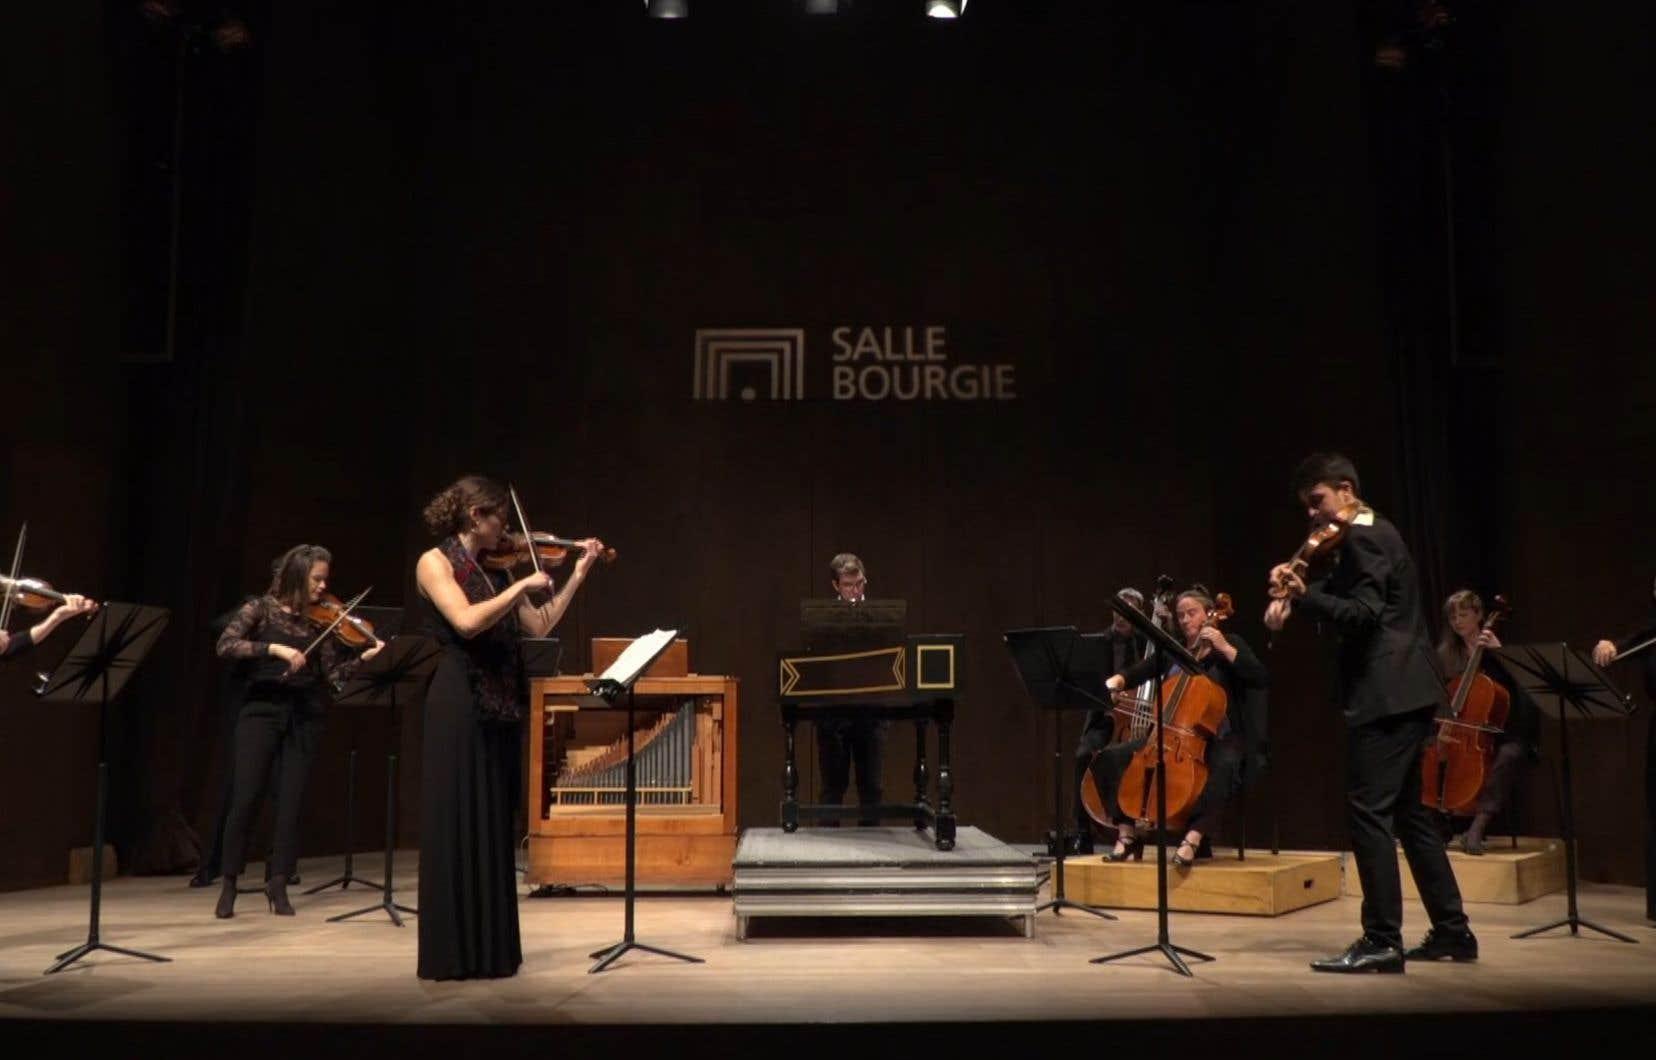 L'Orchestre baroque Arion a choisi l'option prudente: un enregistrement quelque temps avant diffusion permettant de livrer un produit ficelé.